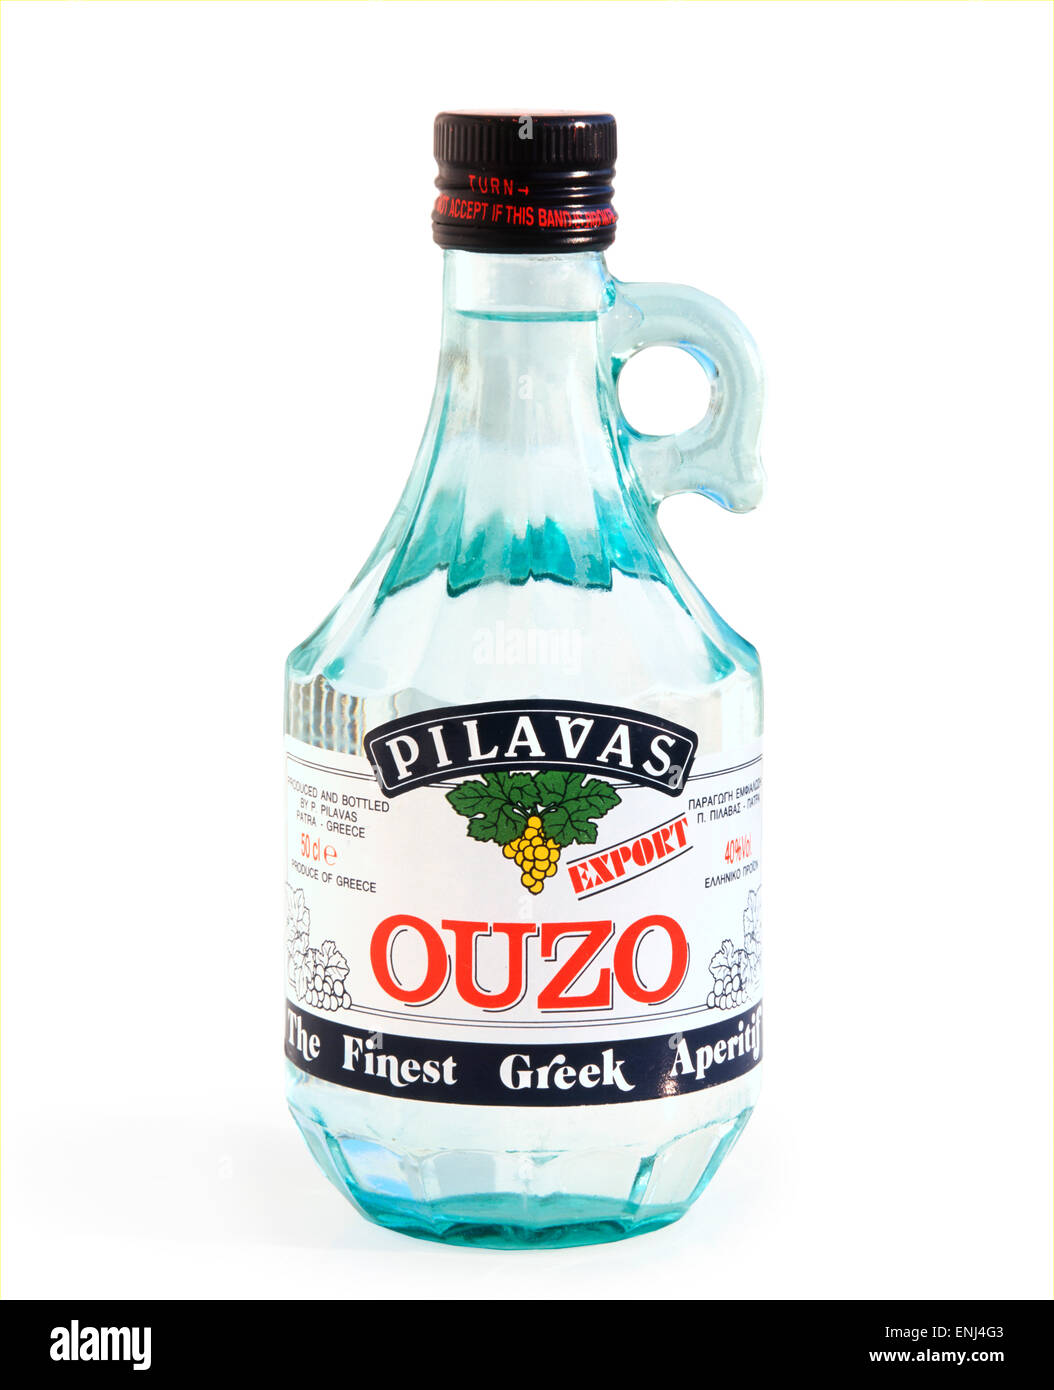 Una bottiglia di Ouzo greco Immagini Stock